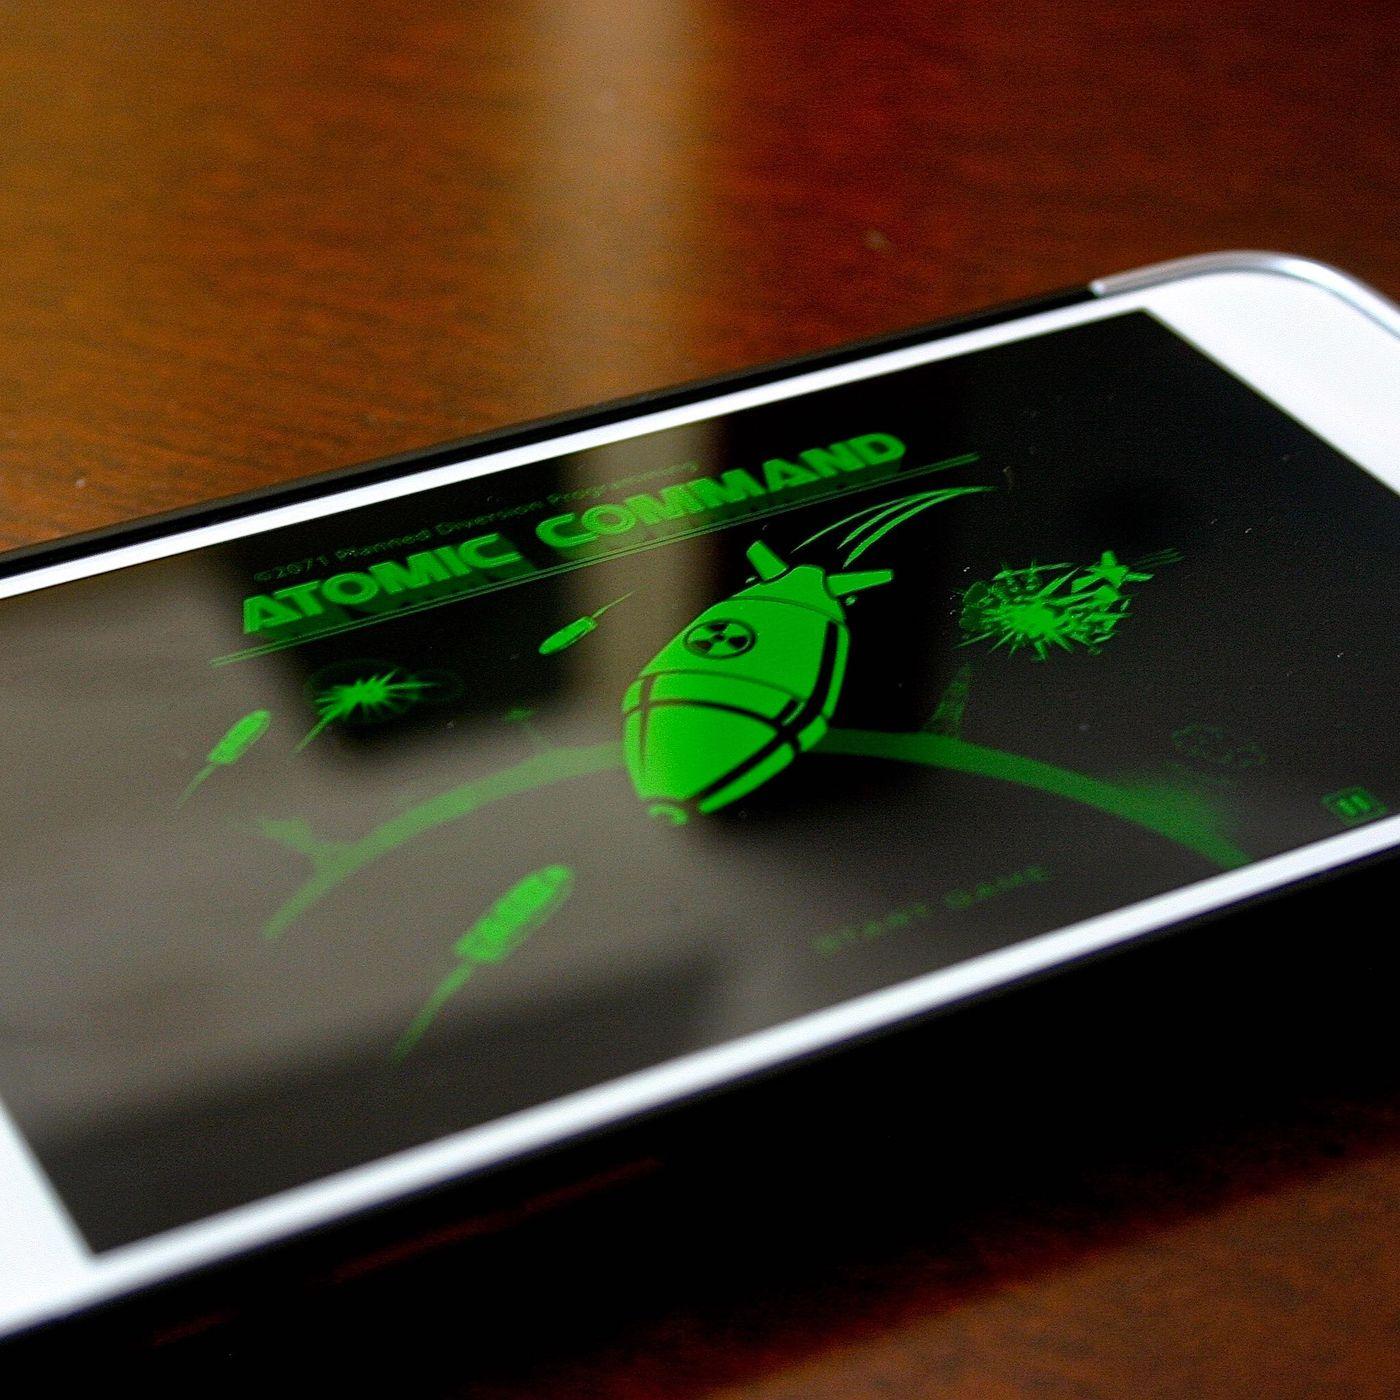 Действующий Пип-бой 3000 из Fallout (7 фото + видео) » 24Gadget.Ru ::  Гаджеты и технологии | 1400x1400